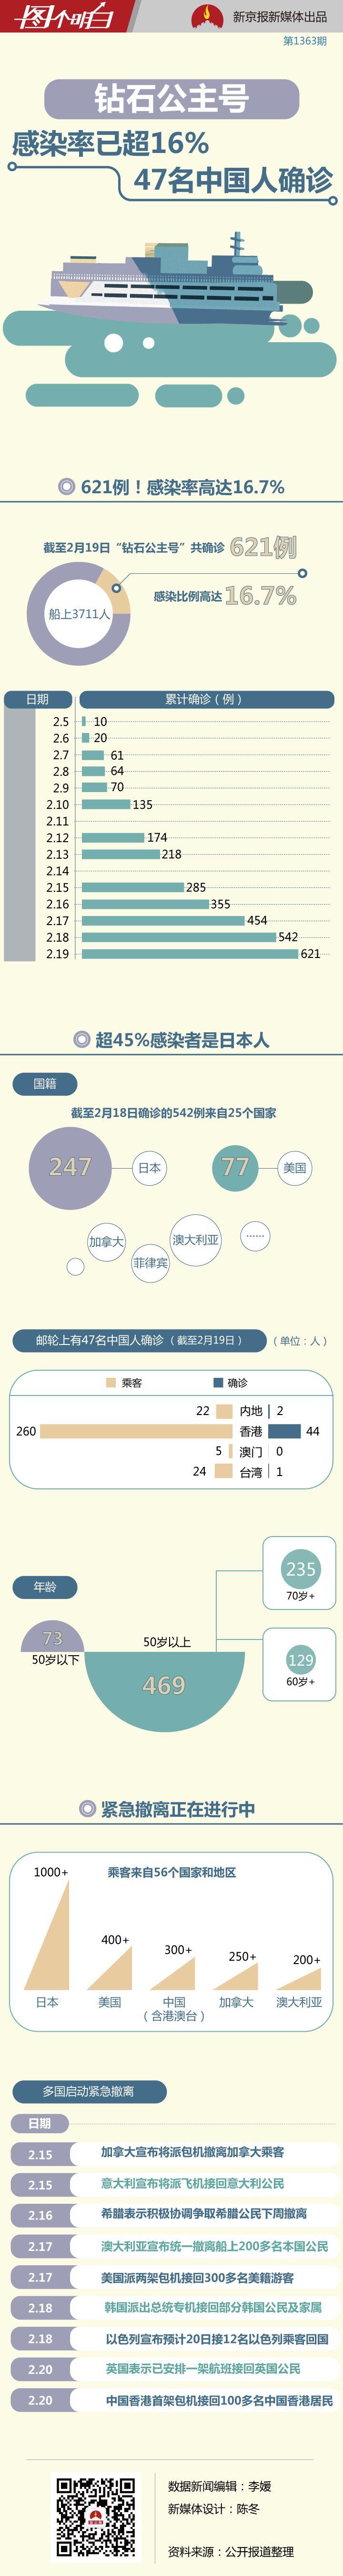 钻石公主号感染率超16% ,47名中国人被确诊图片